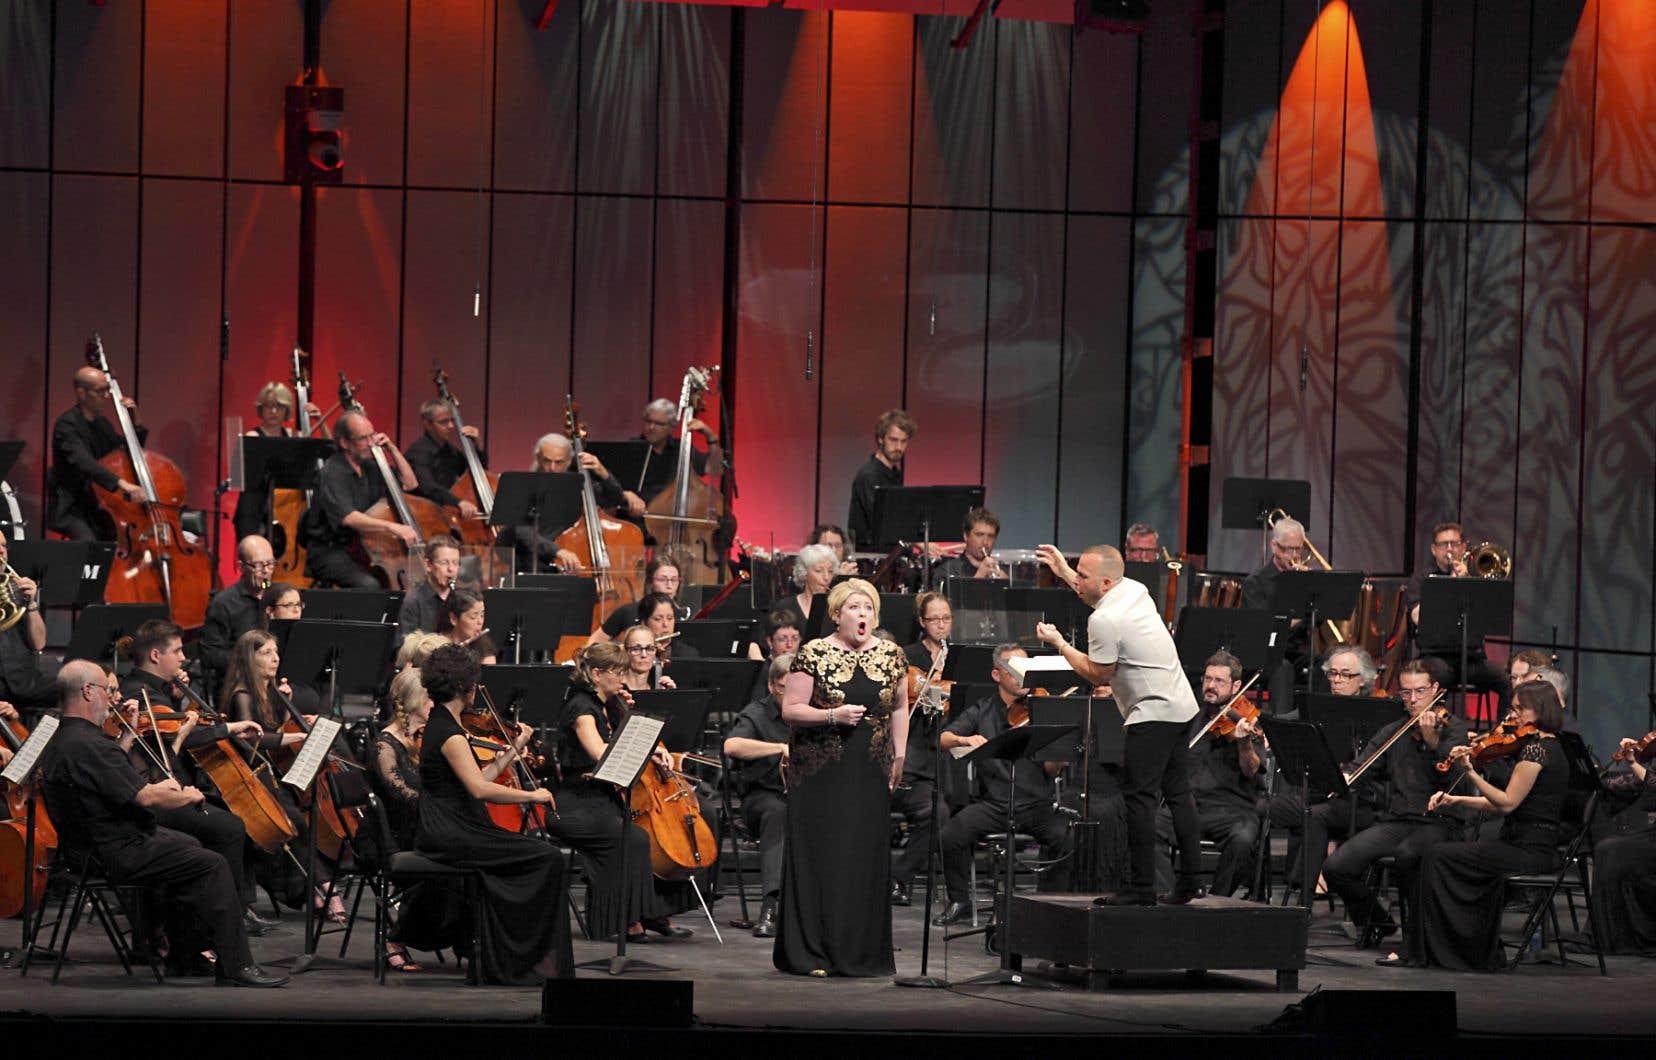 Le chef Yannick Nézet-Séguin et l'Orchestre Métropolitain ont présenté un concert hommage au compositeur français Hector Berlioz samedi.